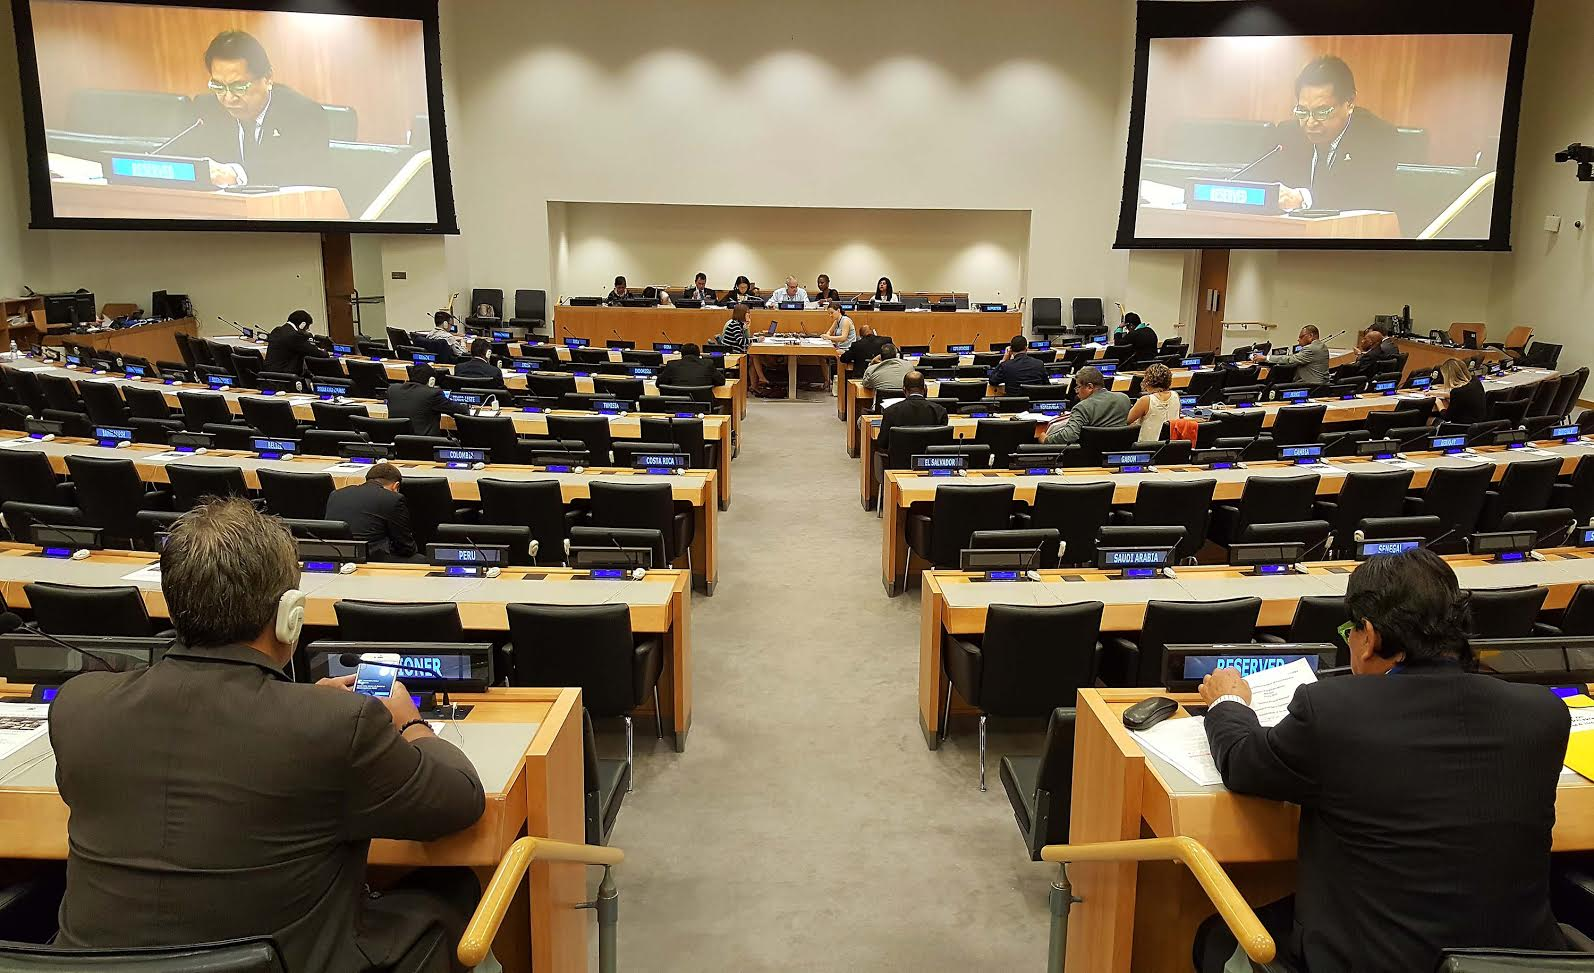 La situation de la Polynésie française évoquée en commission à l'ONU